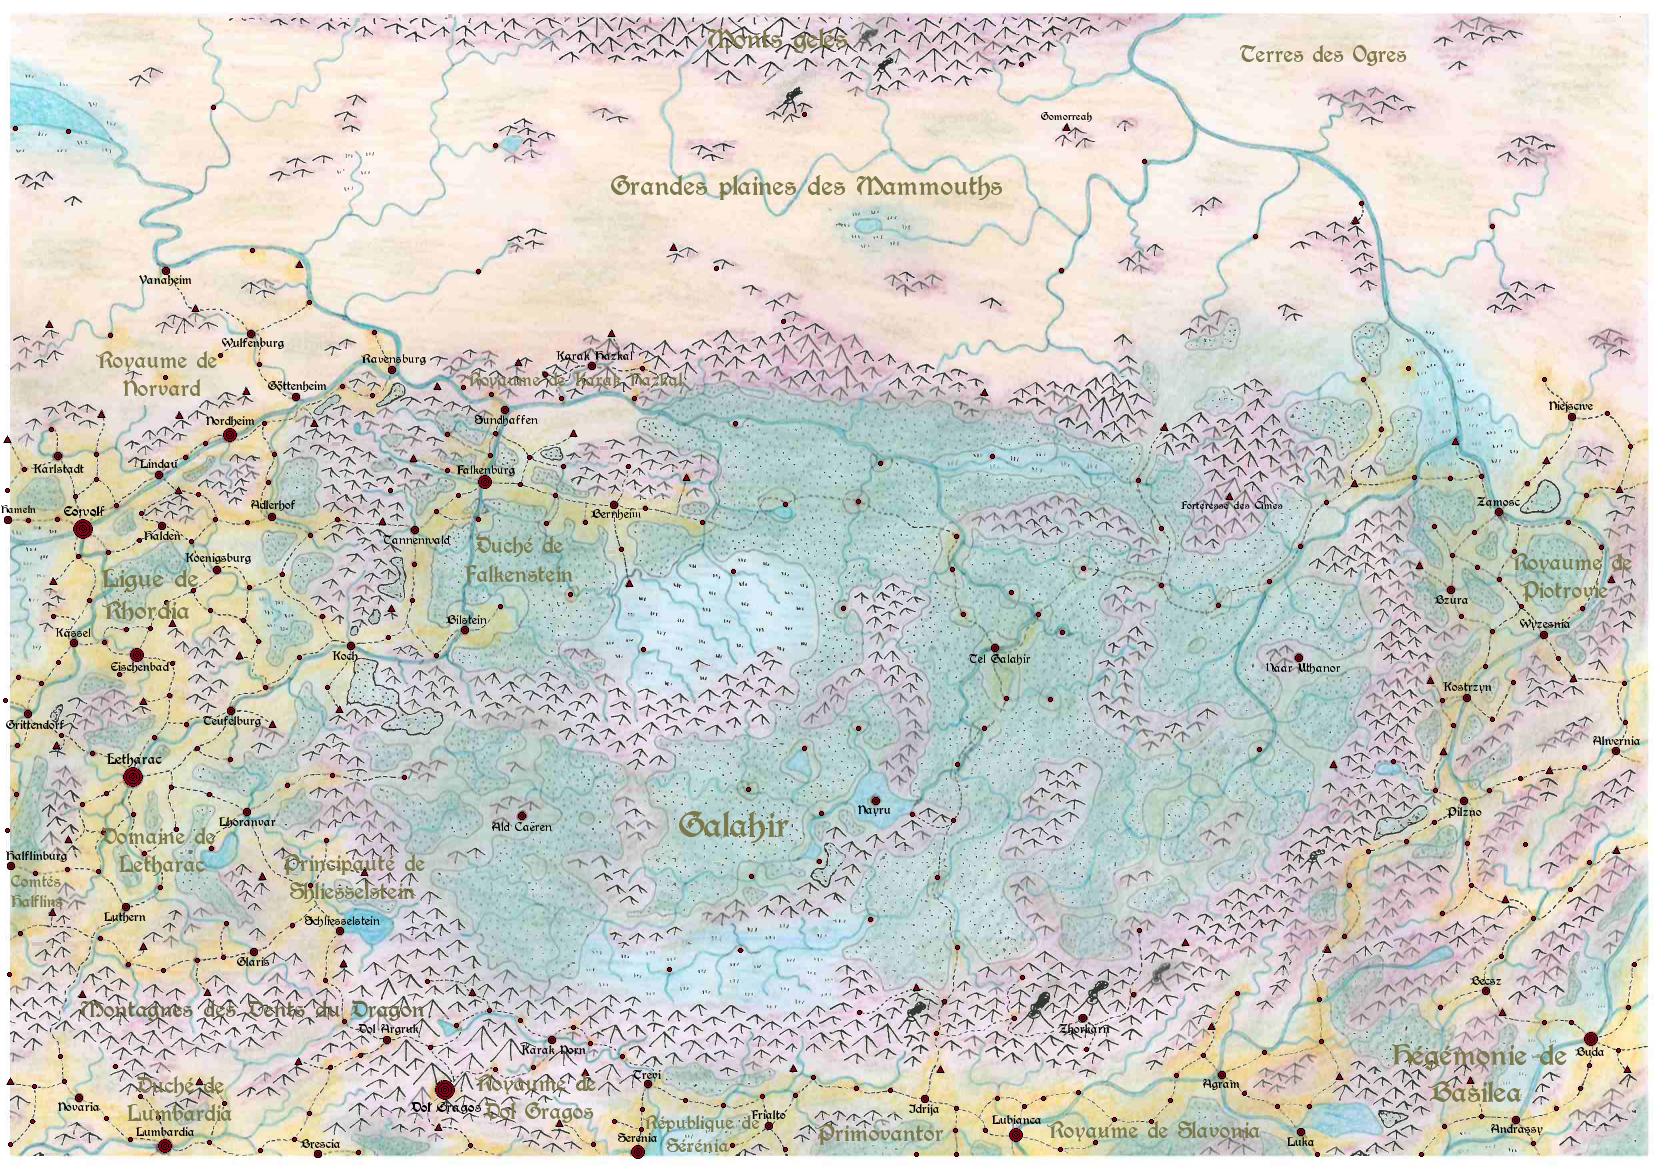 Carte de Galahir et alentours 182295CarteManticaNomme